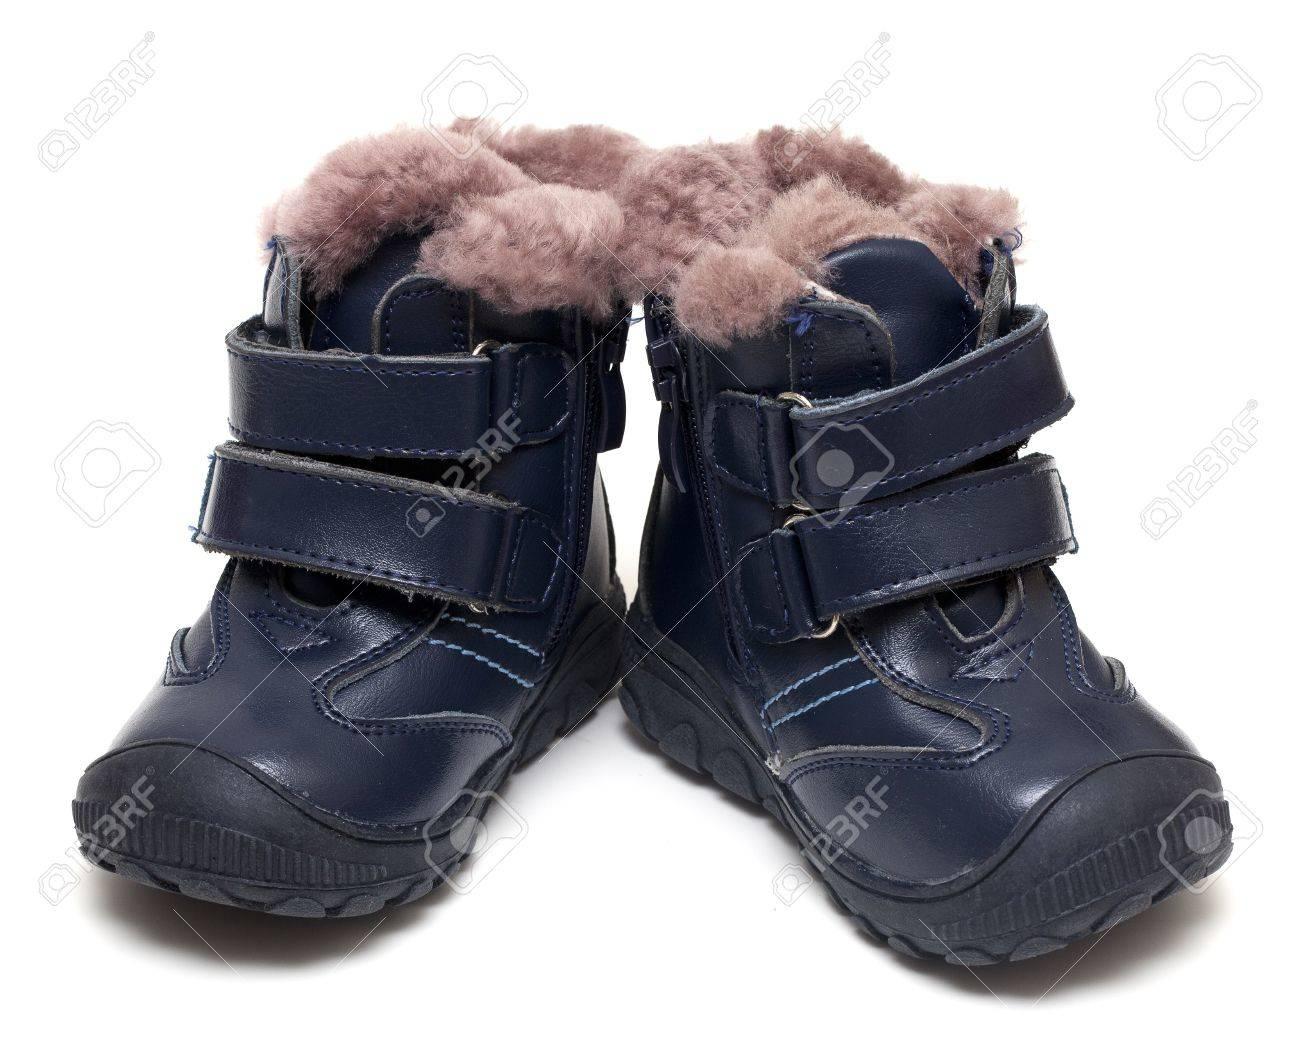 la meilleure attitude d0b32 30d92 Chaussures de bébé d'hiver isolé sur blanc